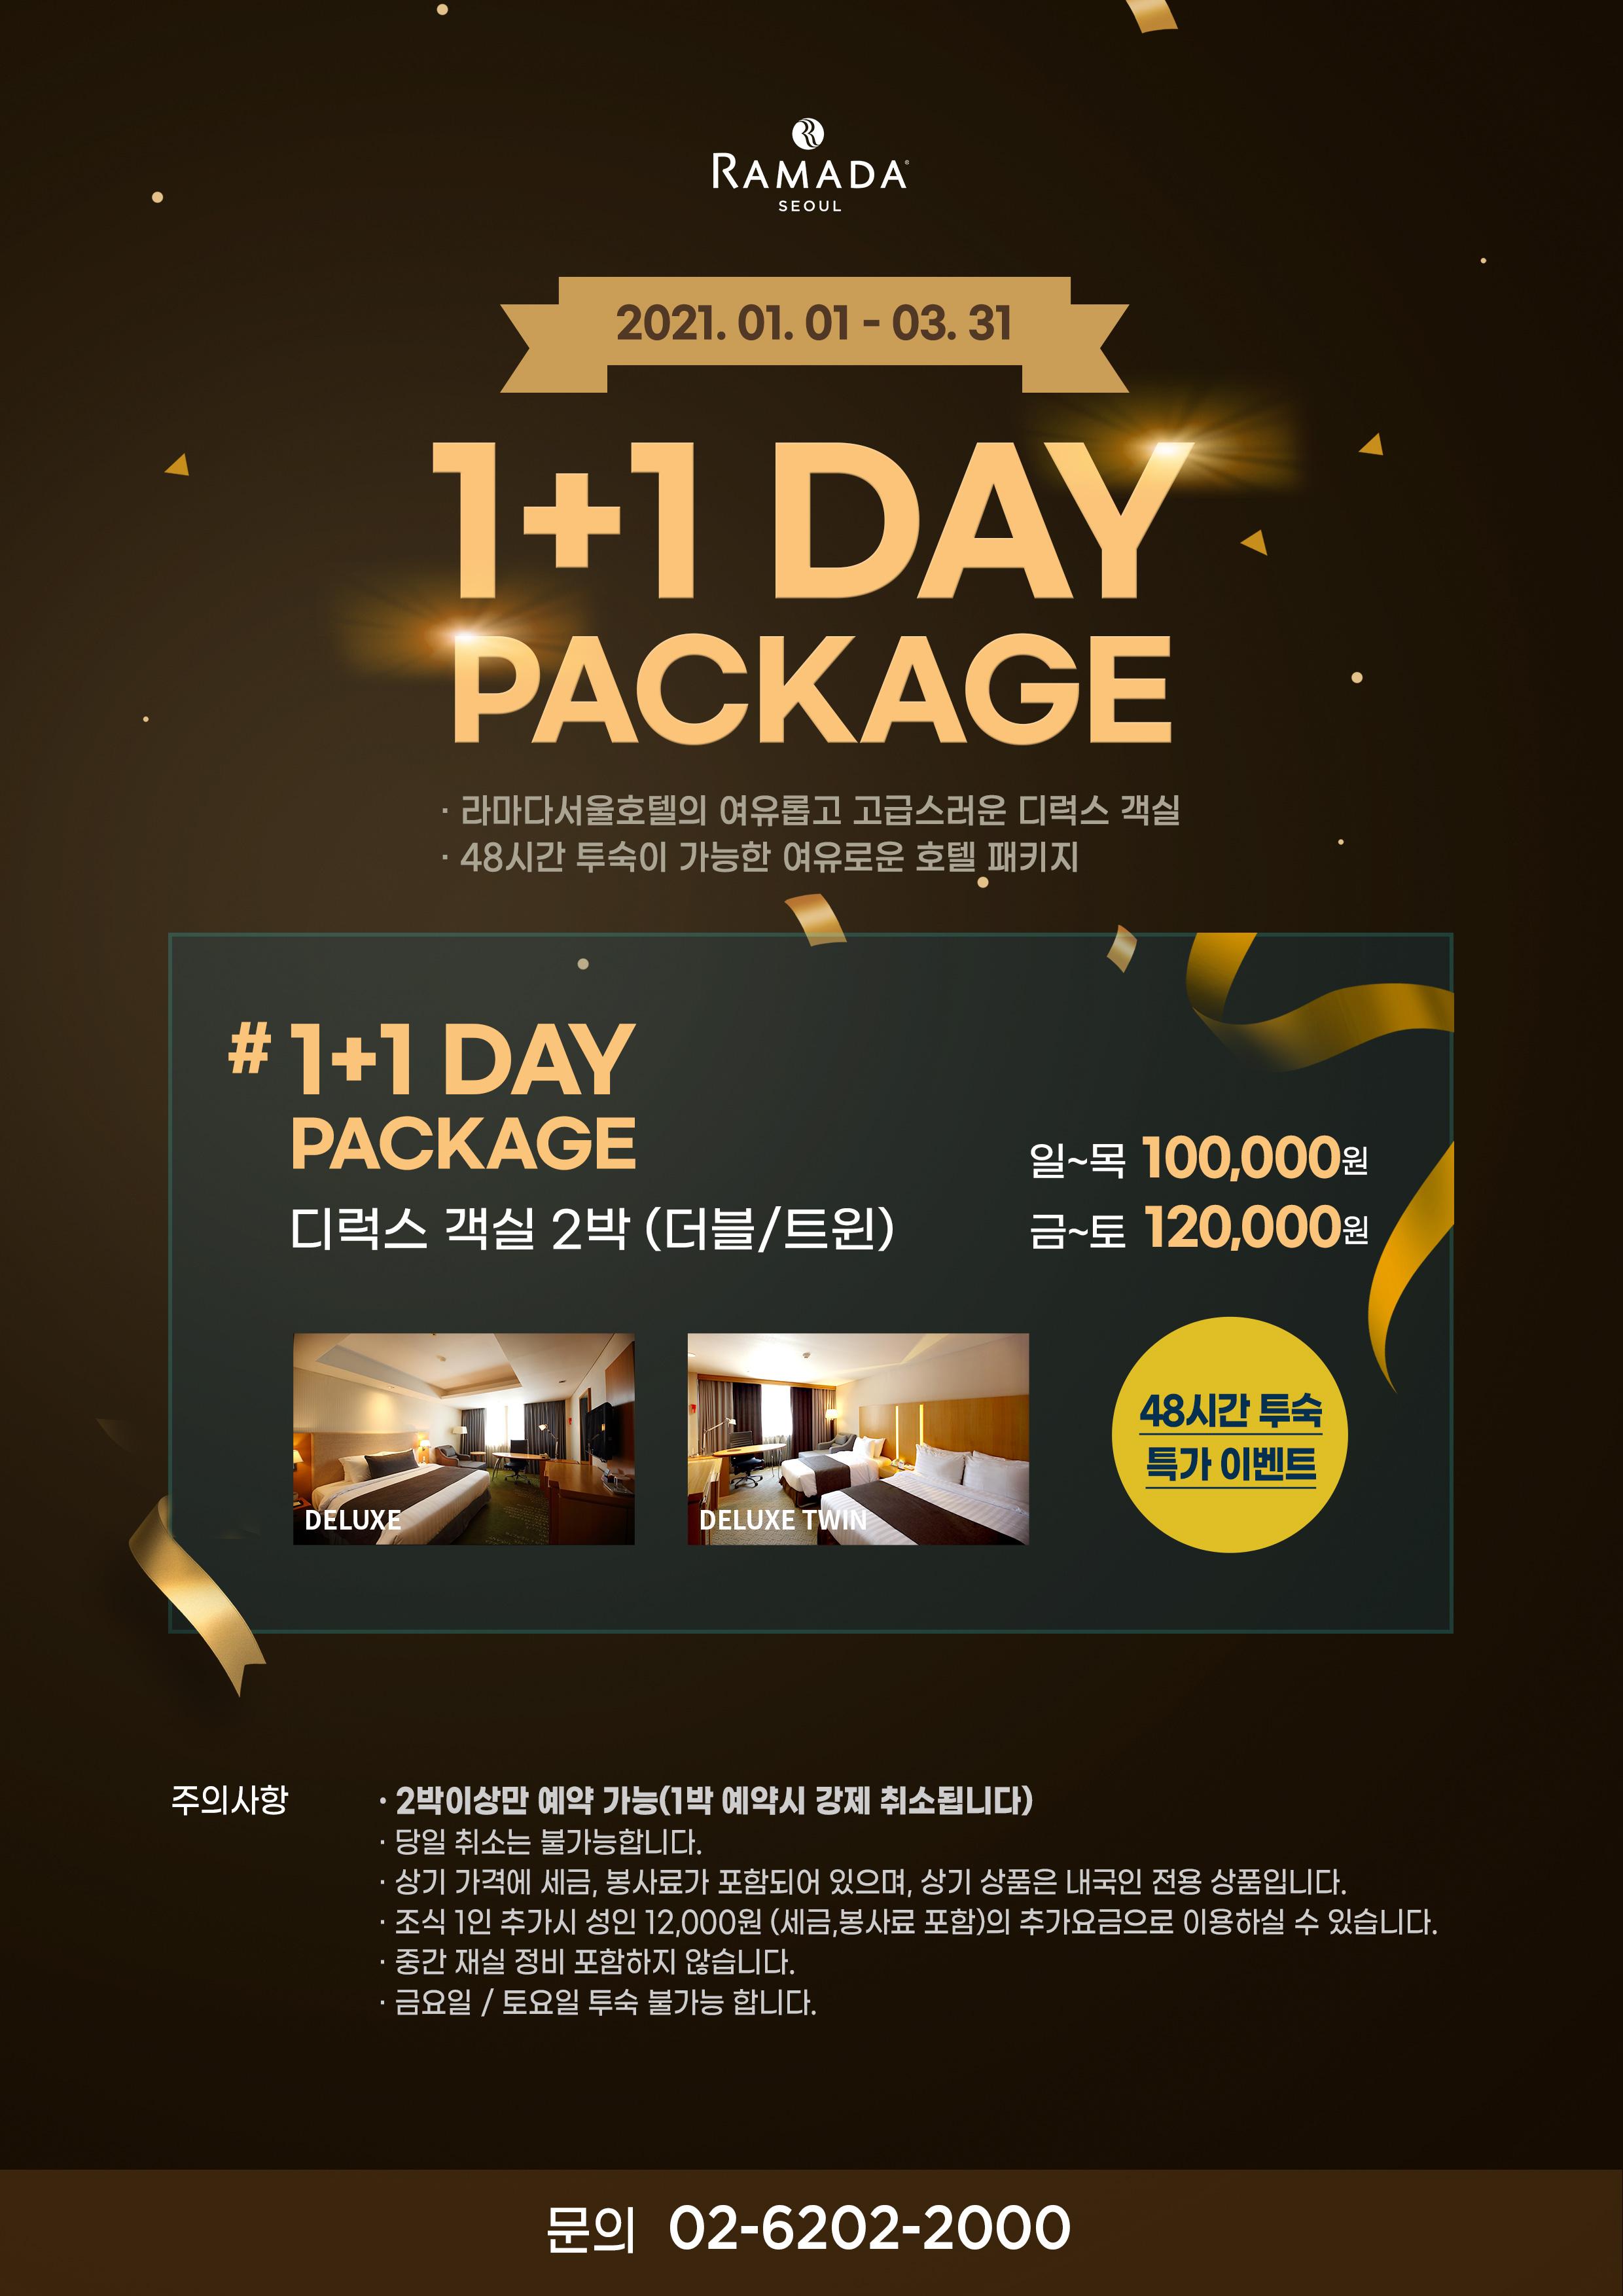 20210302_서울_1+1day_패키지_가격변경